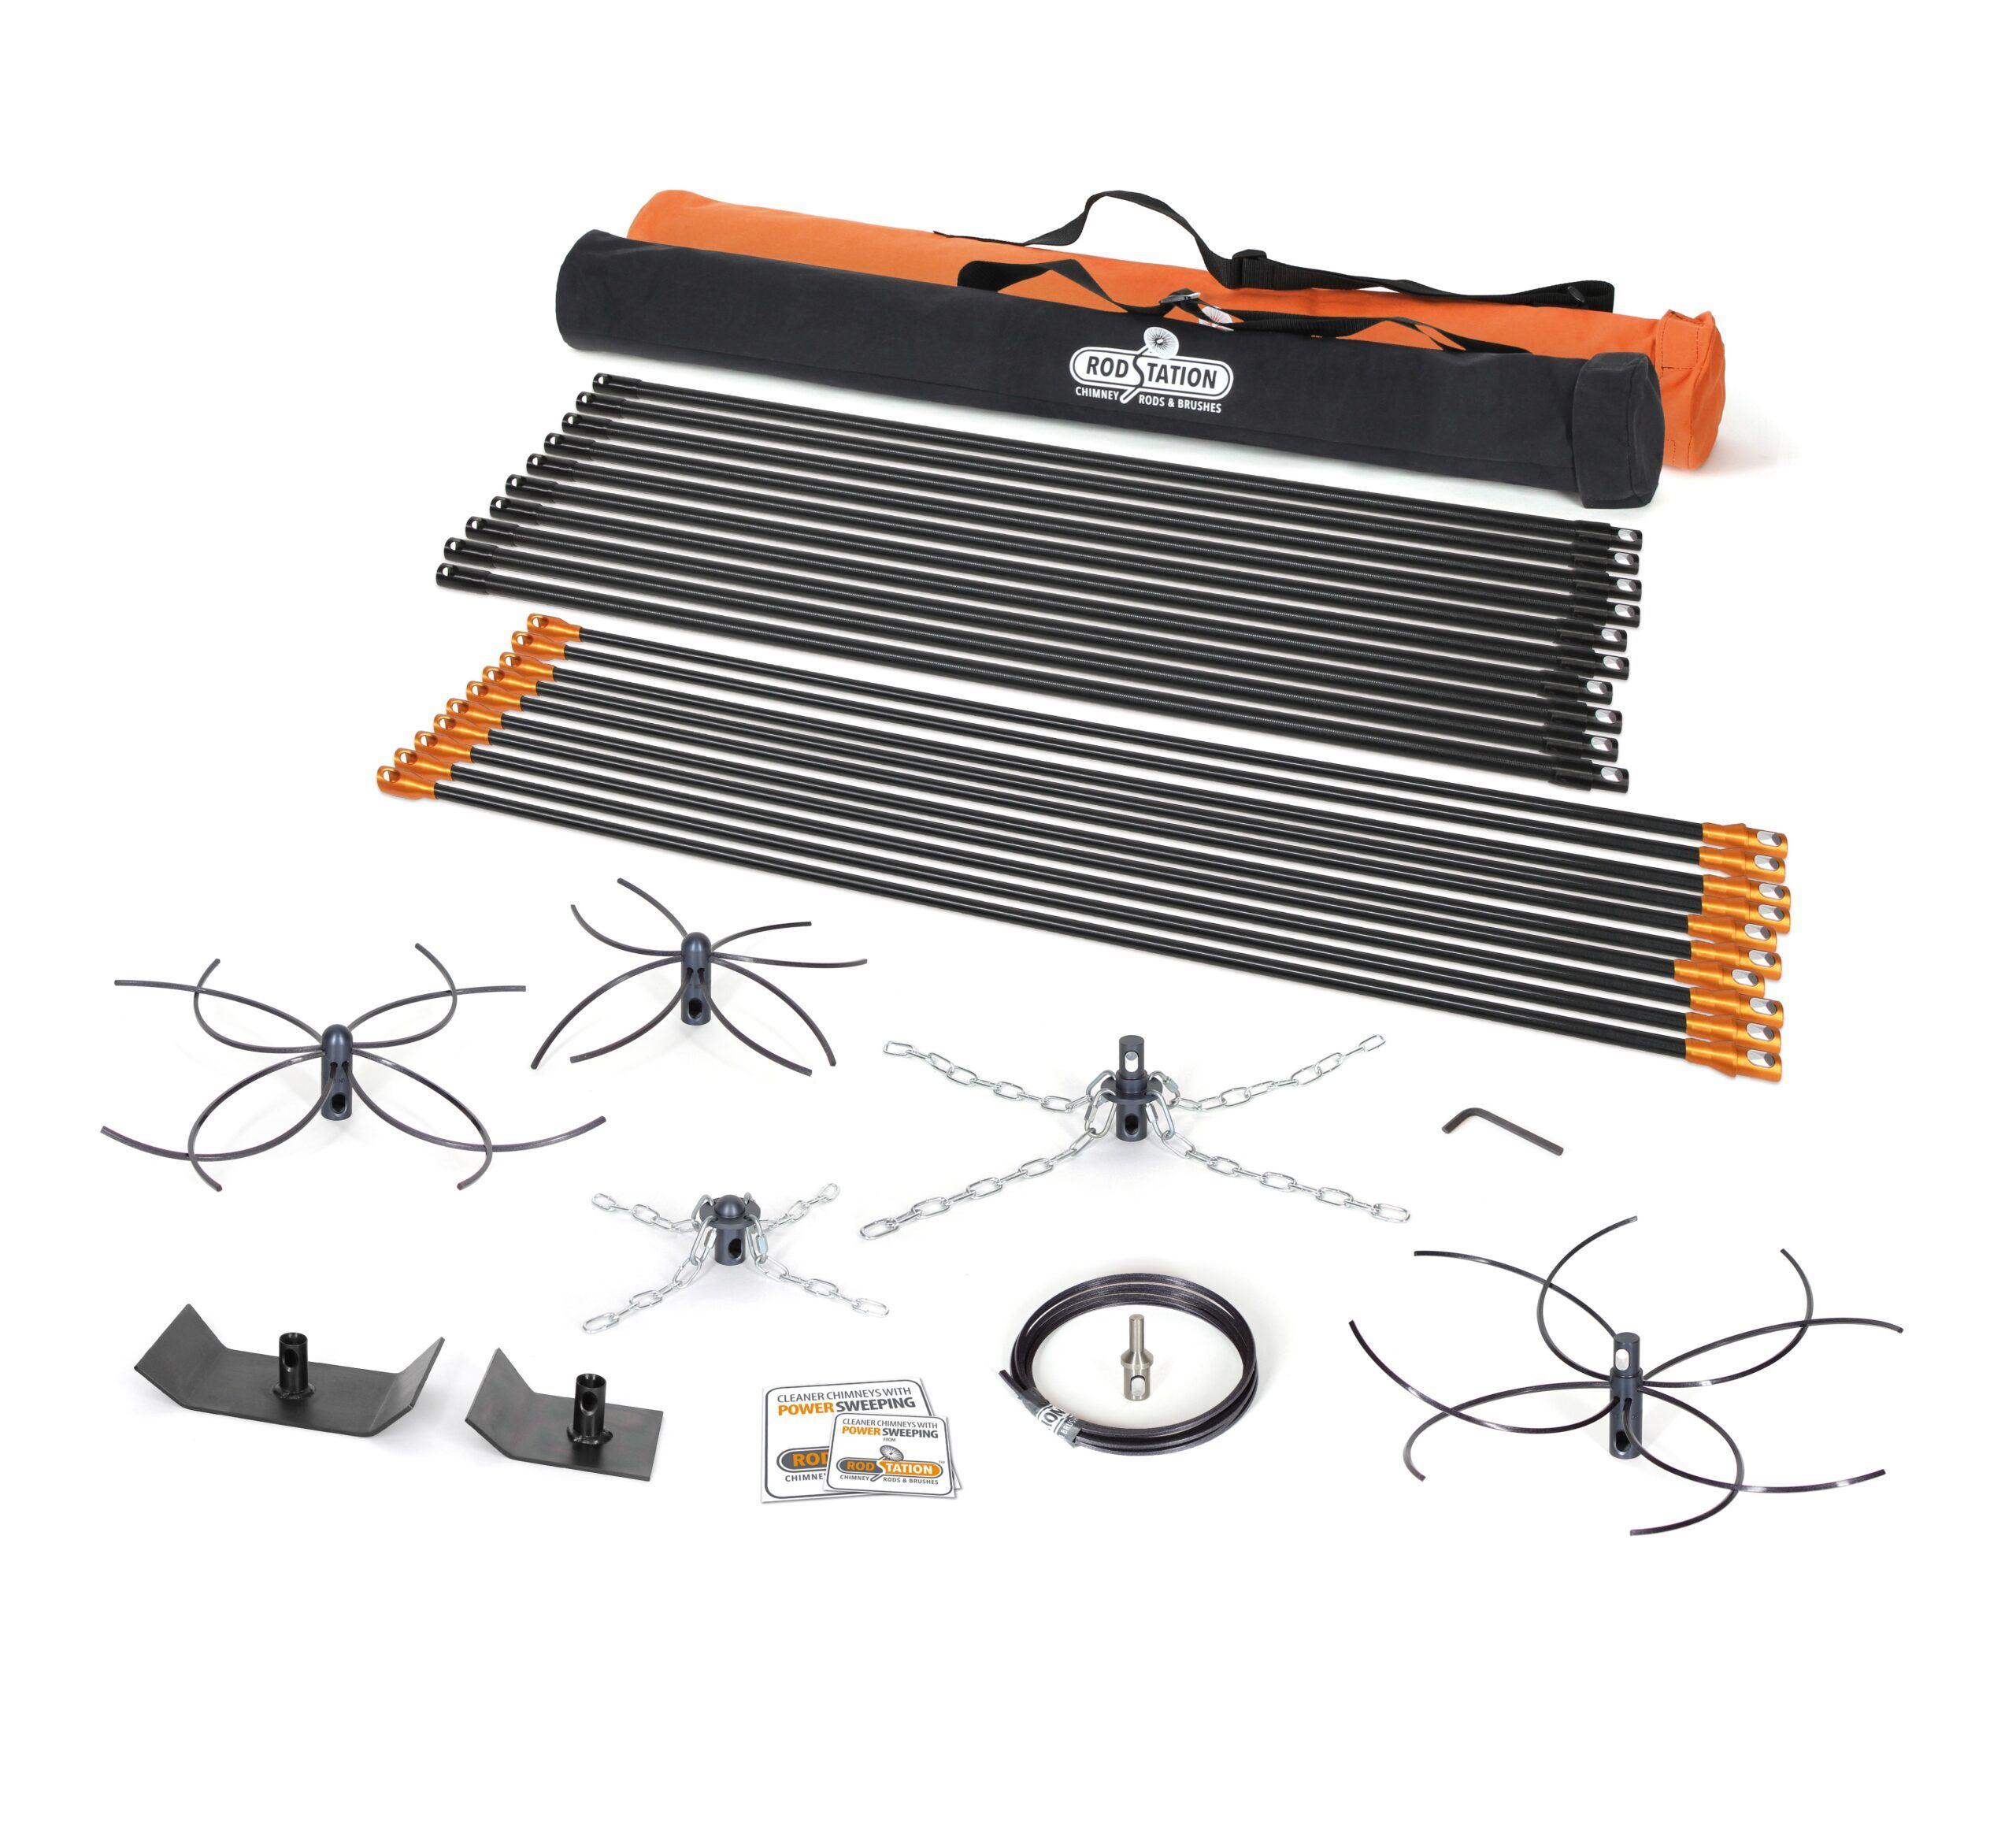 Full power sweeping kit